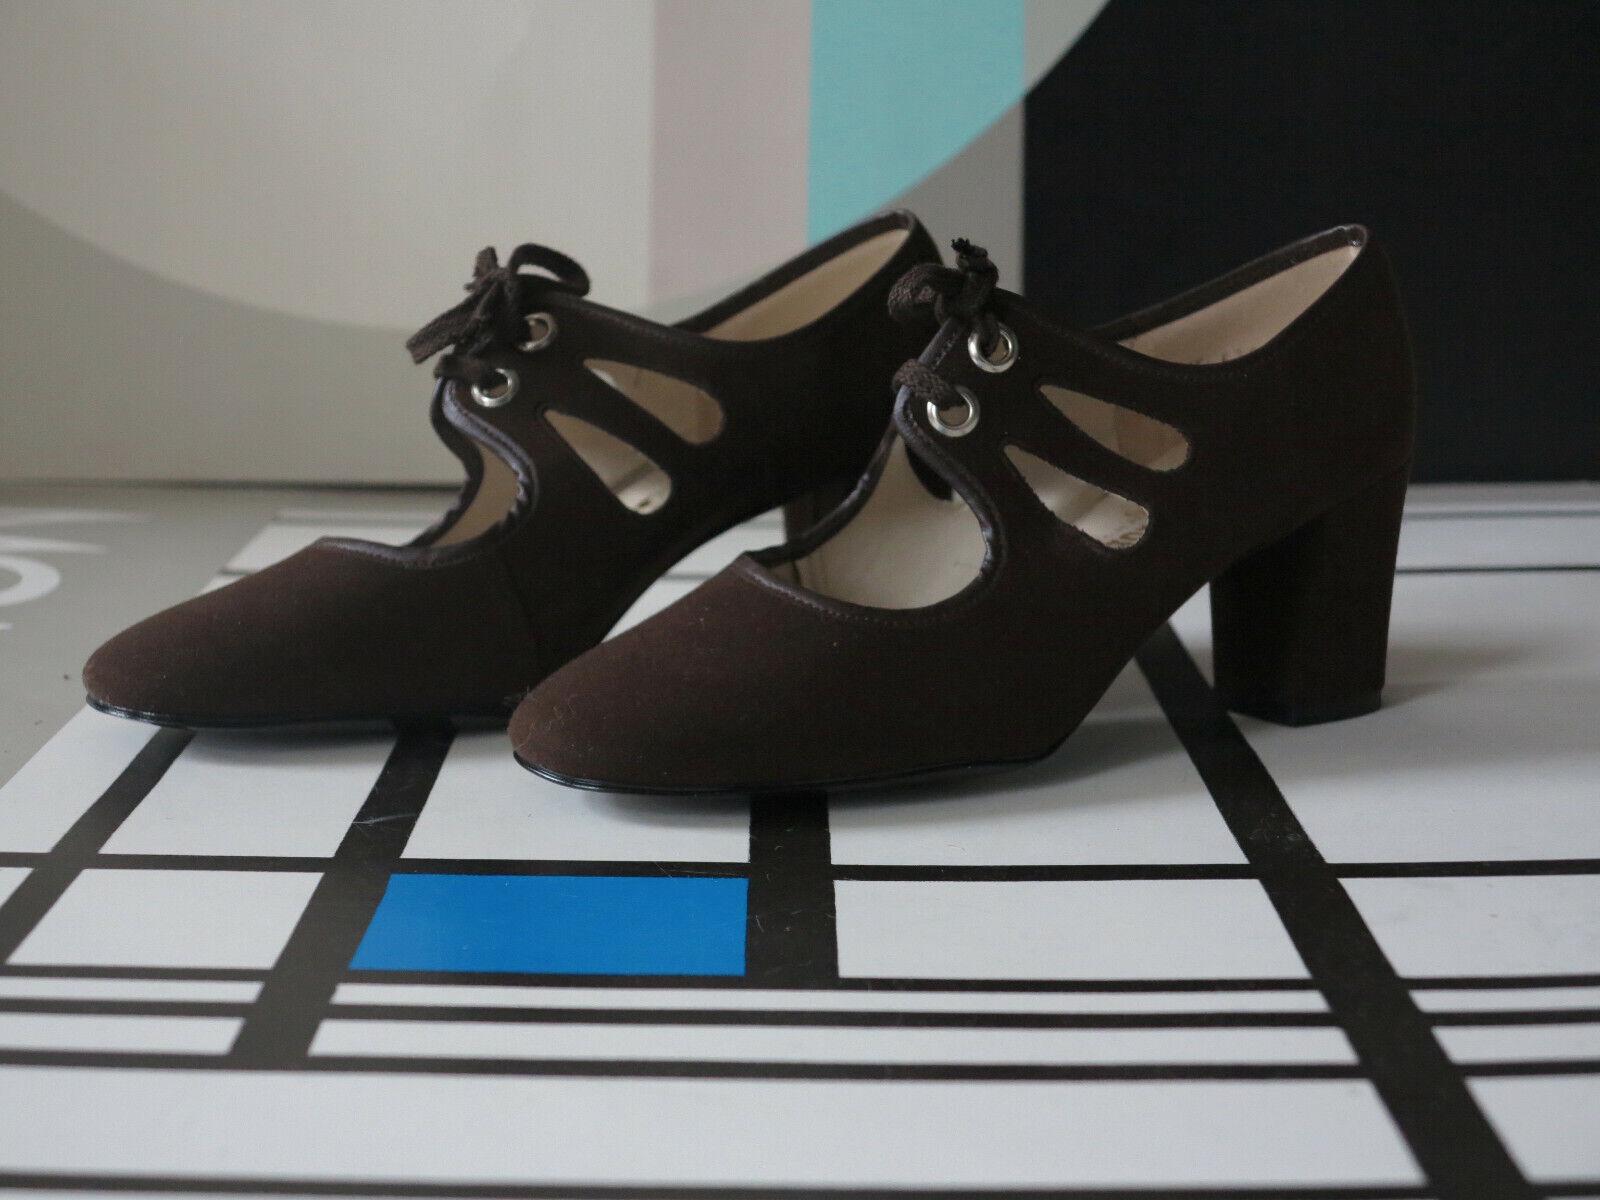 AMORIAL Damen Schuhe Pumps braun 60er TRUE VINTAGE 60s damen high heels NOS